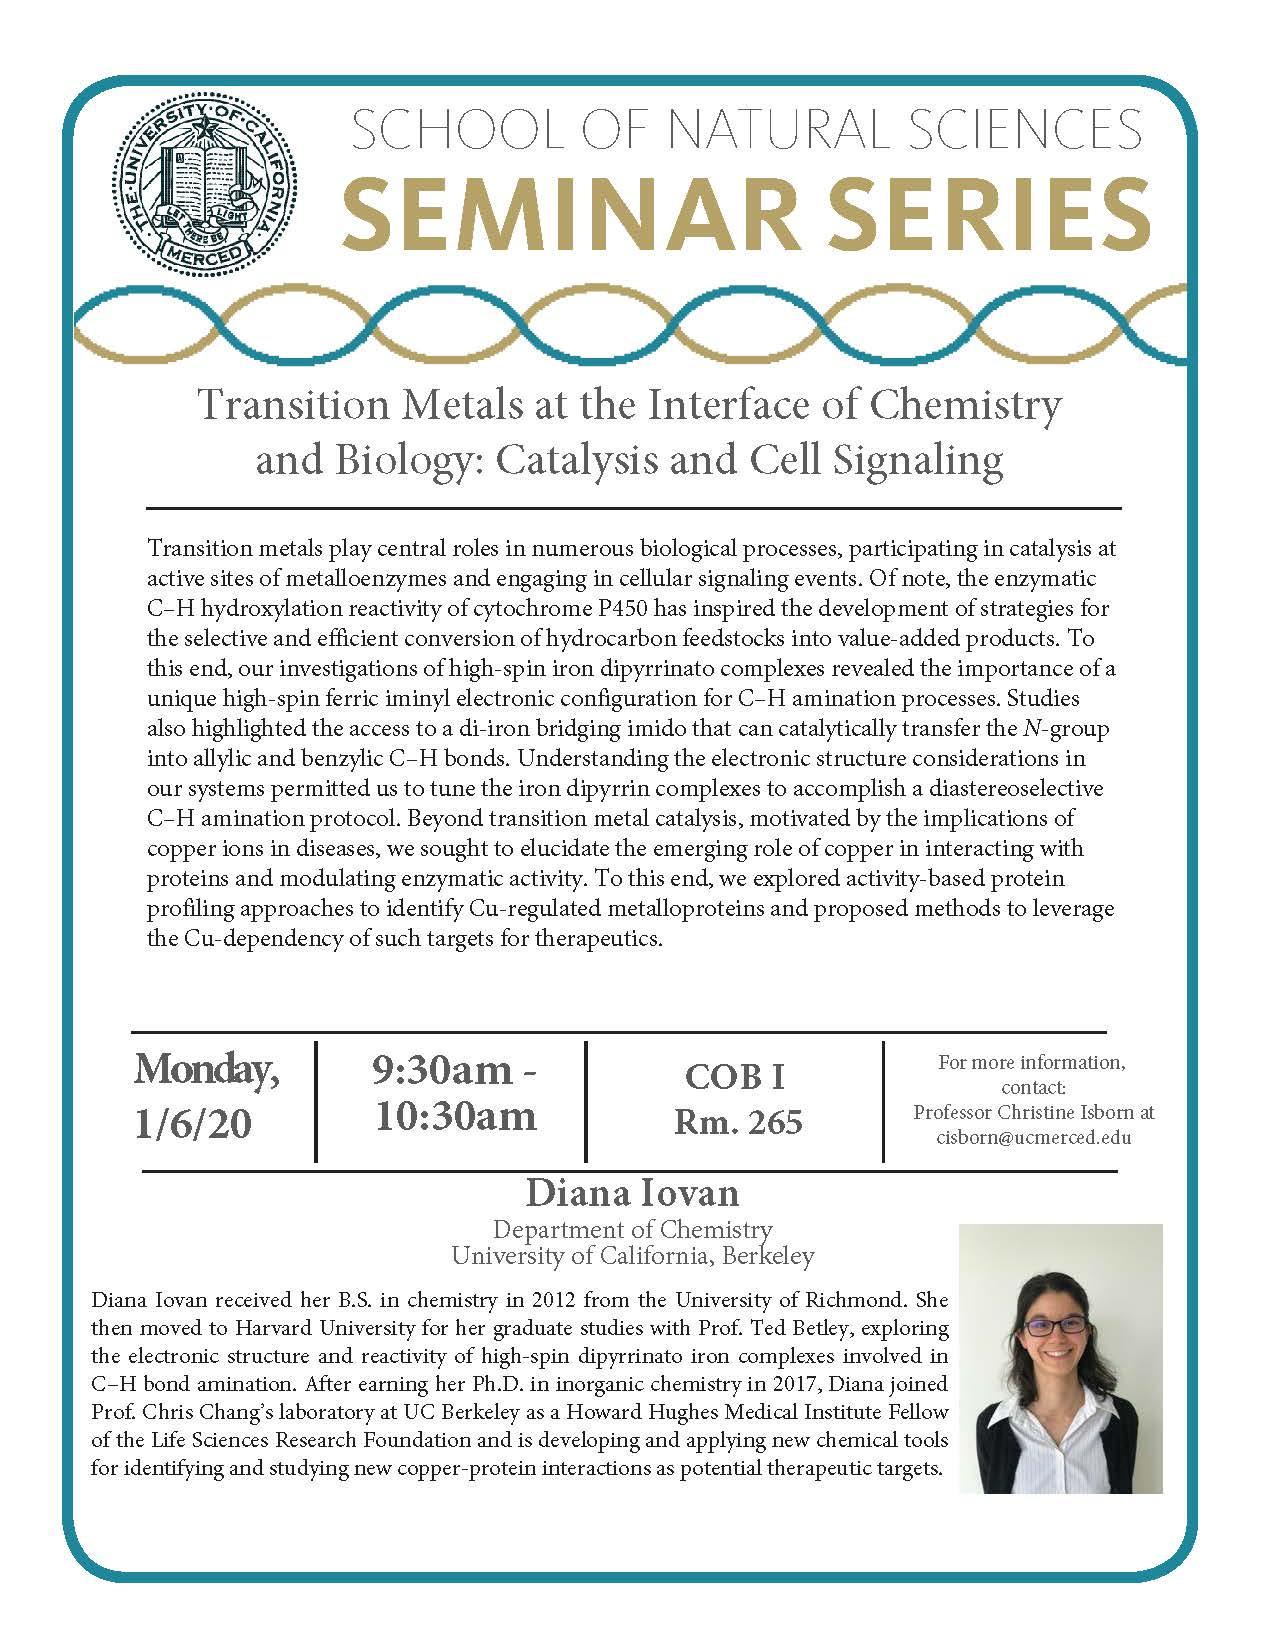 CCB Seminar for Dr. Diana Iovan